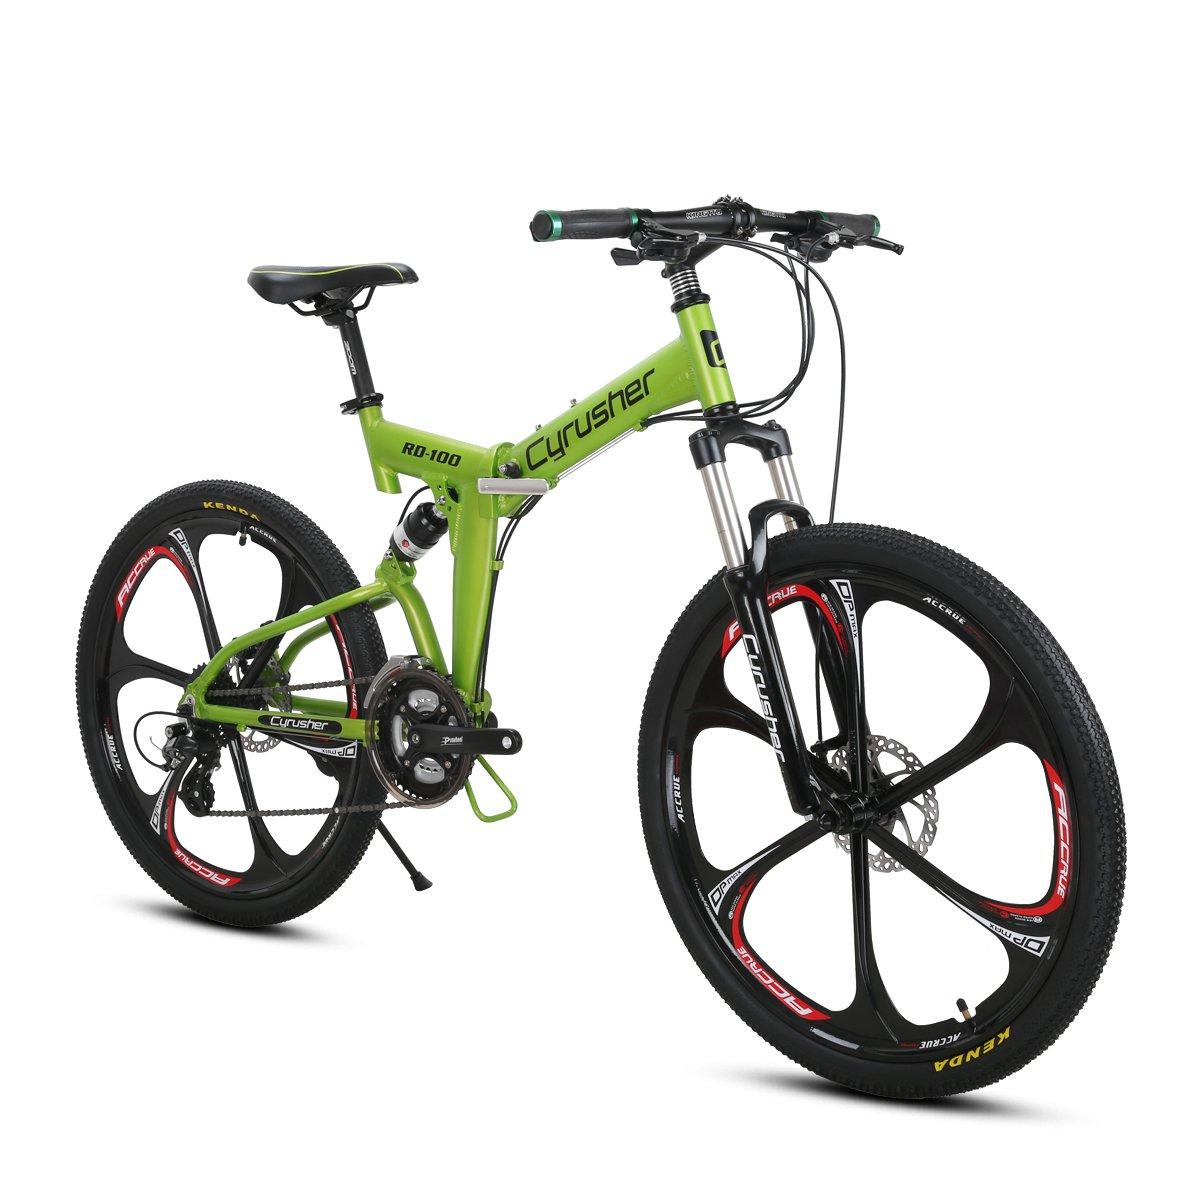 Excy RD100 26インチ マウンテンバイク MTB 折りたたみ 自転車 シマノ製24段変速 フルサスペンション B074MV9D9M グリン グリン